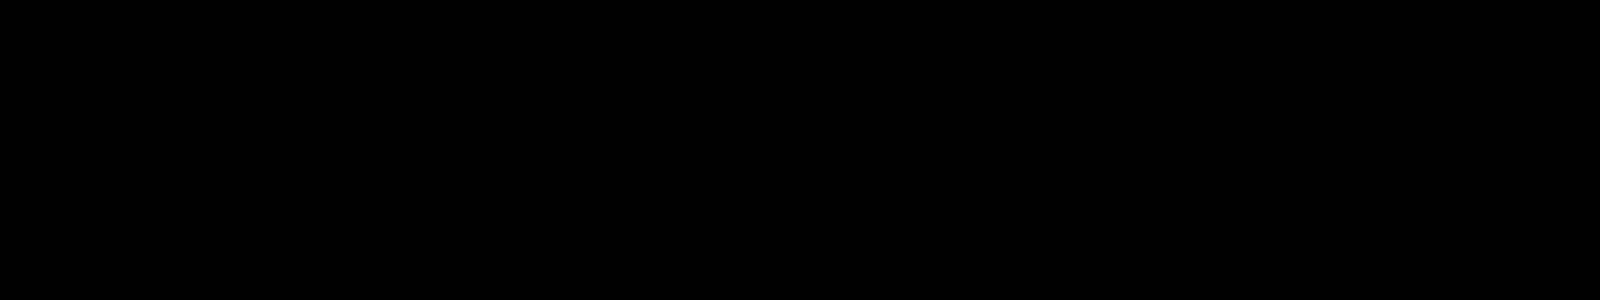 movado logo 2 - Movado Logo